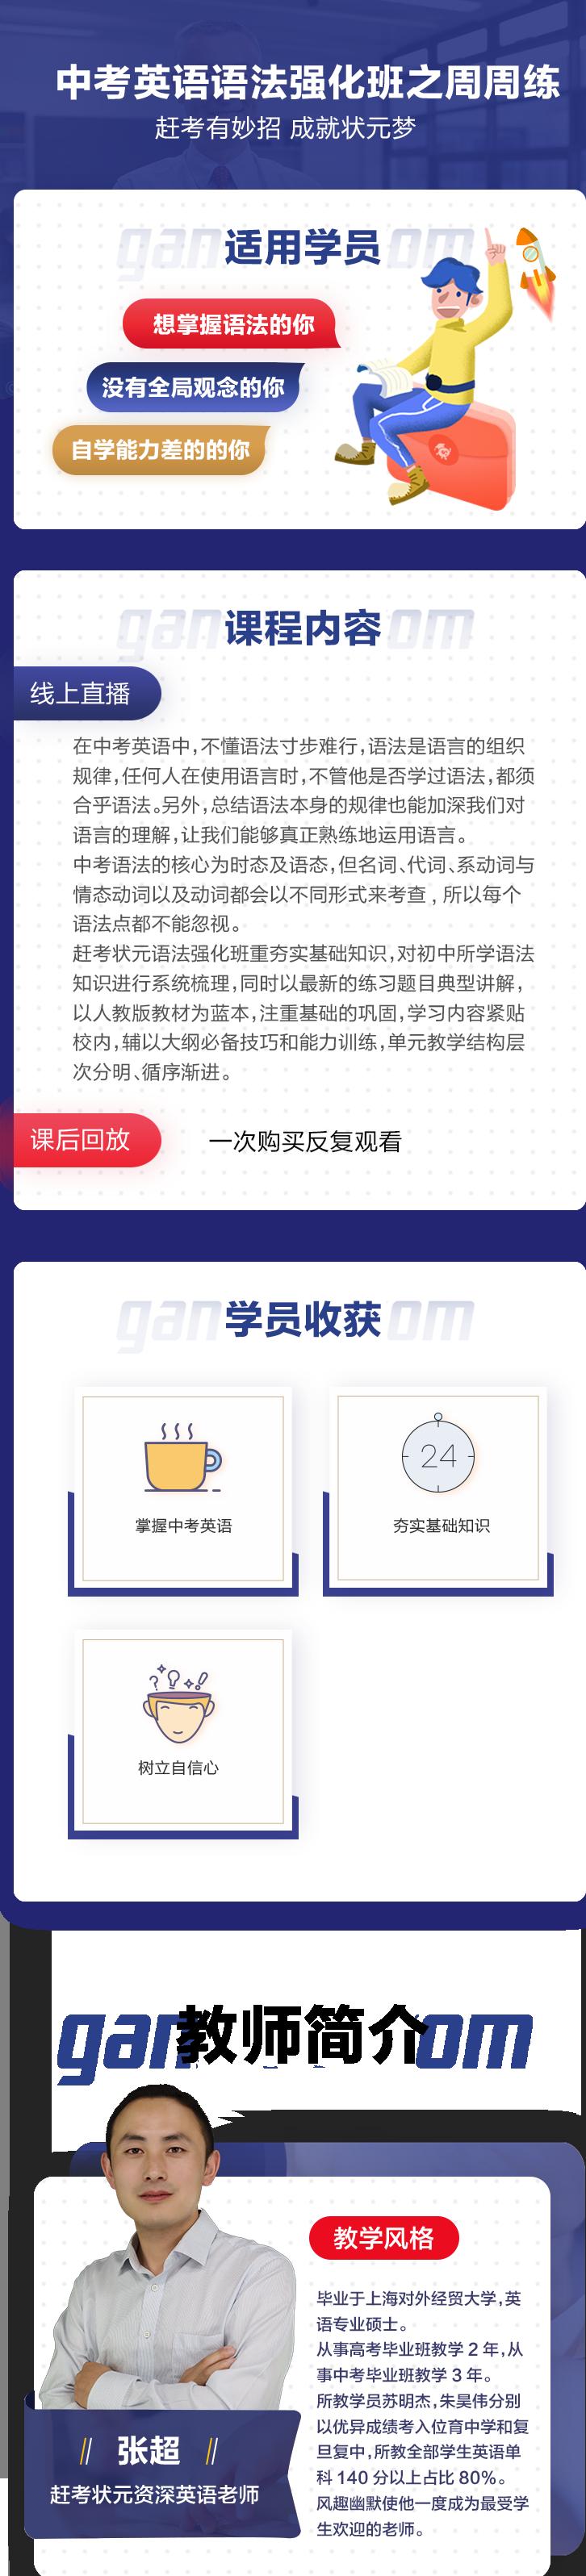 中考英语语法强化班之周周练.png